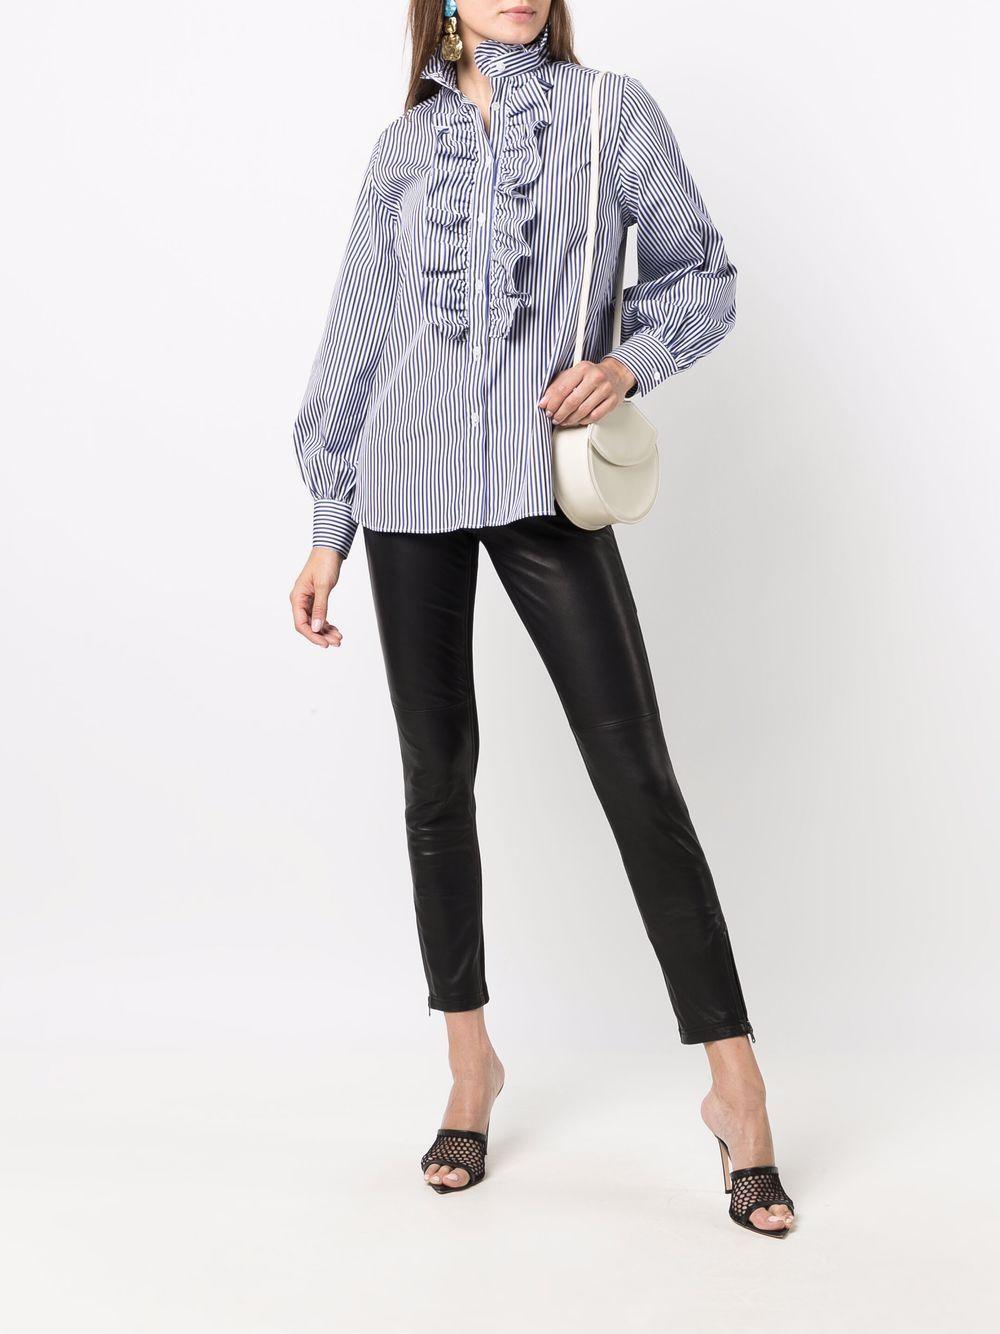 Camicia a righe in cotone blu e bianco con volant P.A.R.O.S.H.   Camicie   D381049-CRIGA883